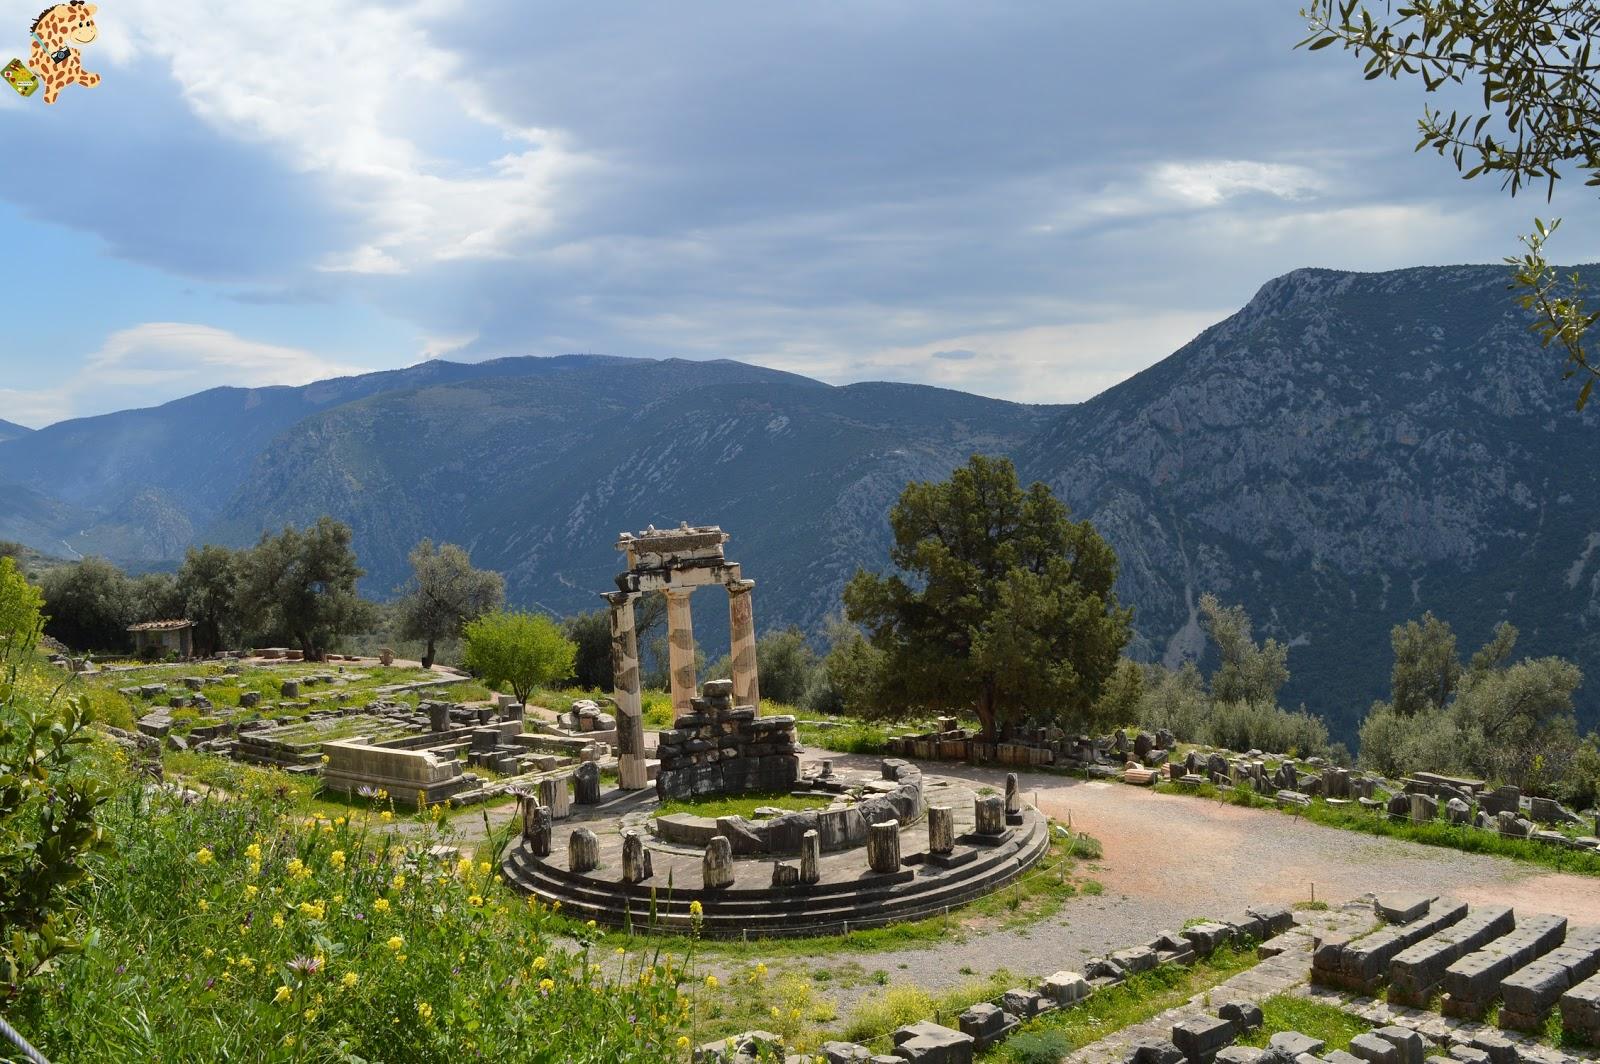 Grecia en 1 semana: Itinerario y presupuesto